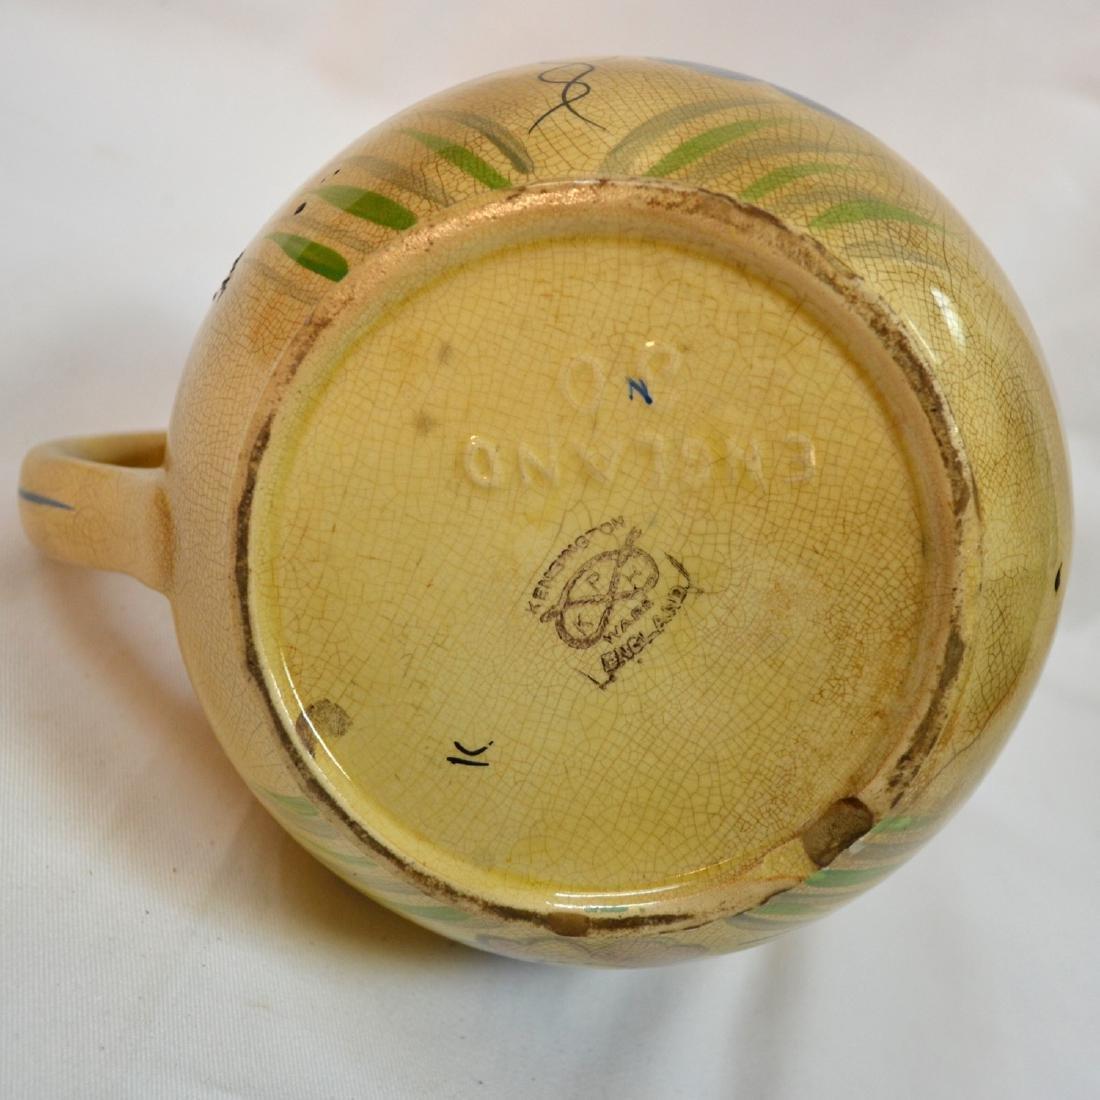 Antique Kensington Pottery Picher England - 6